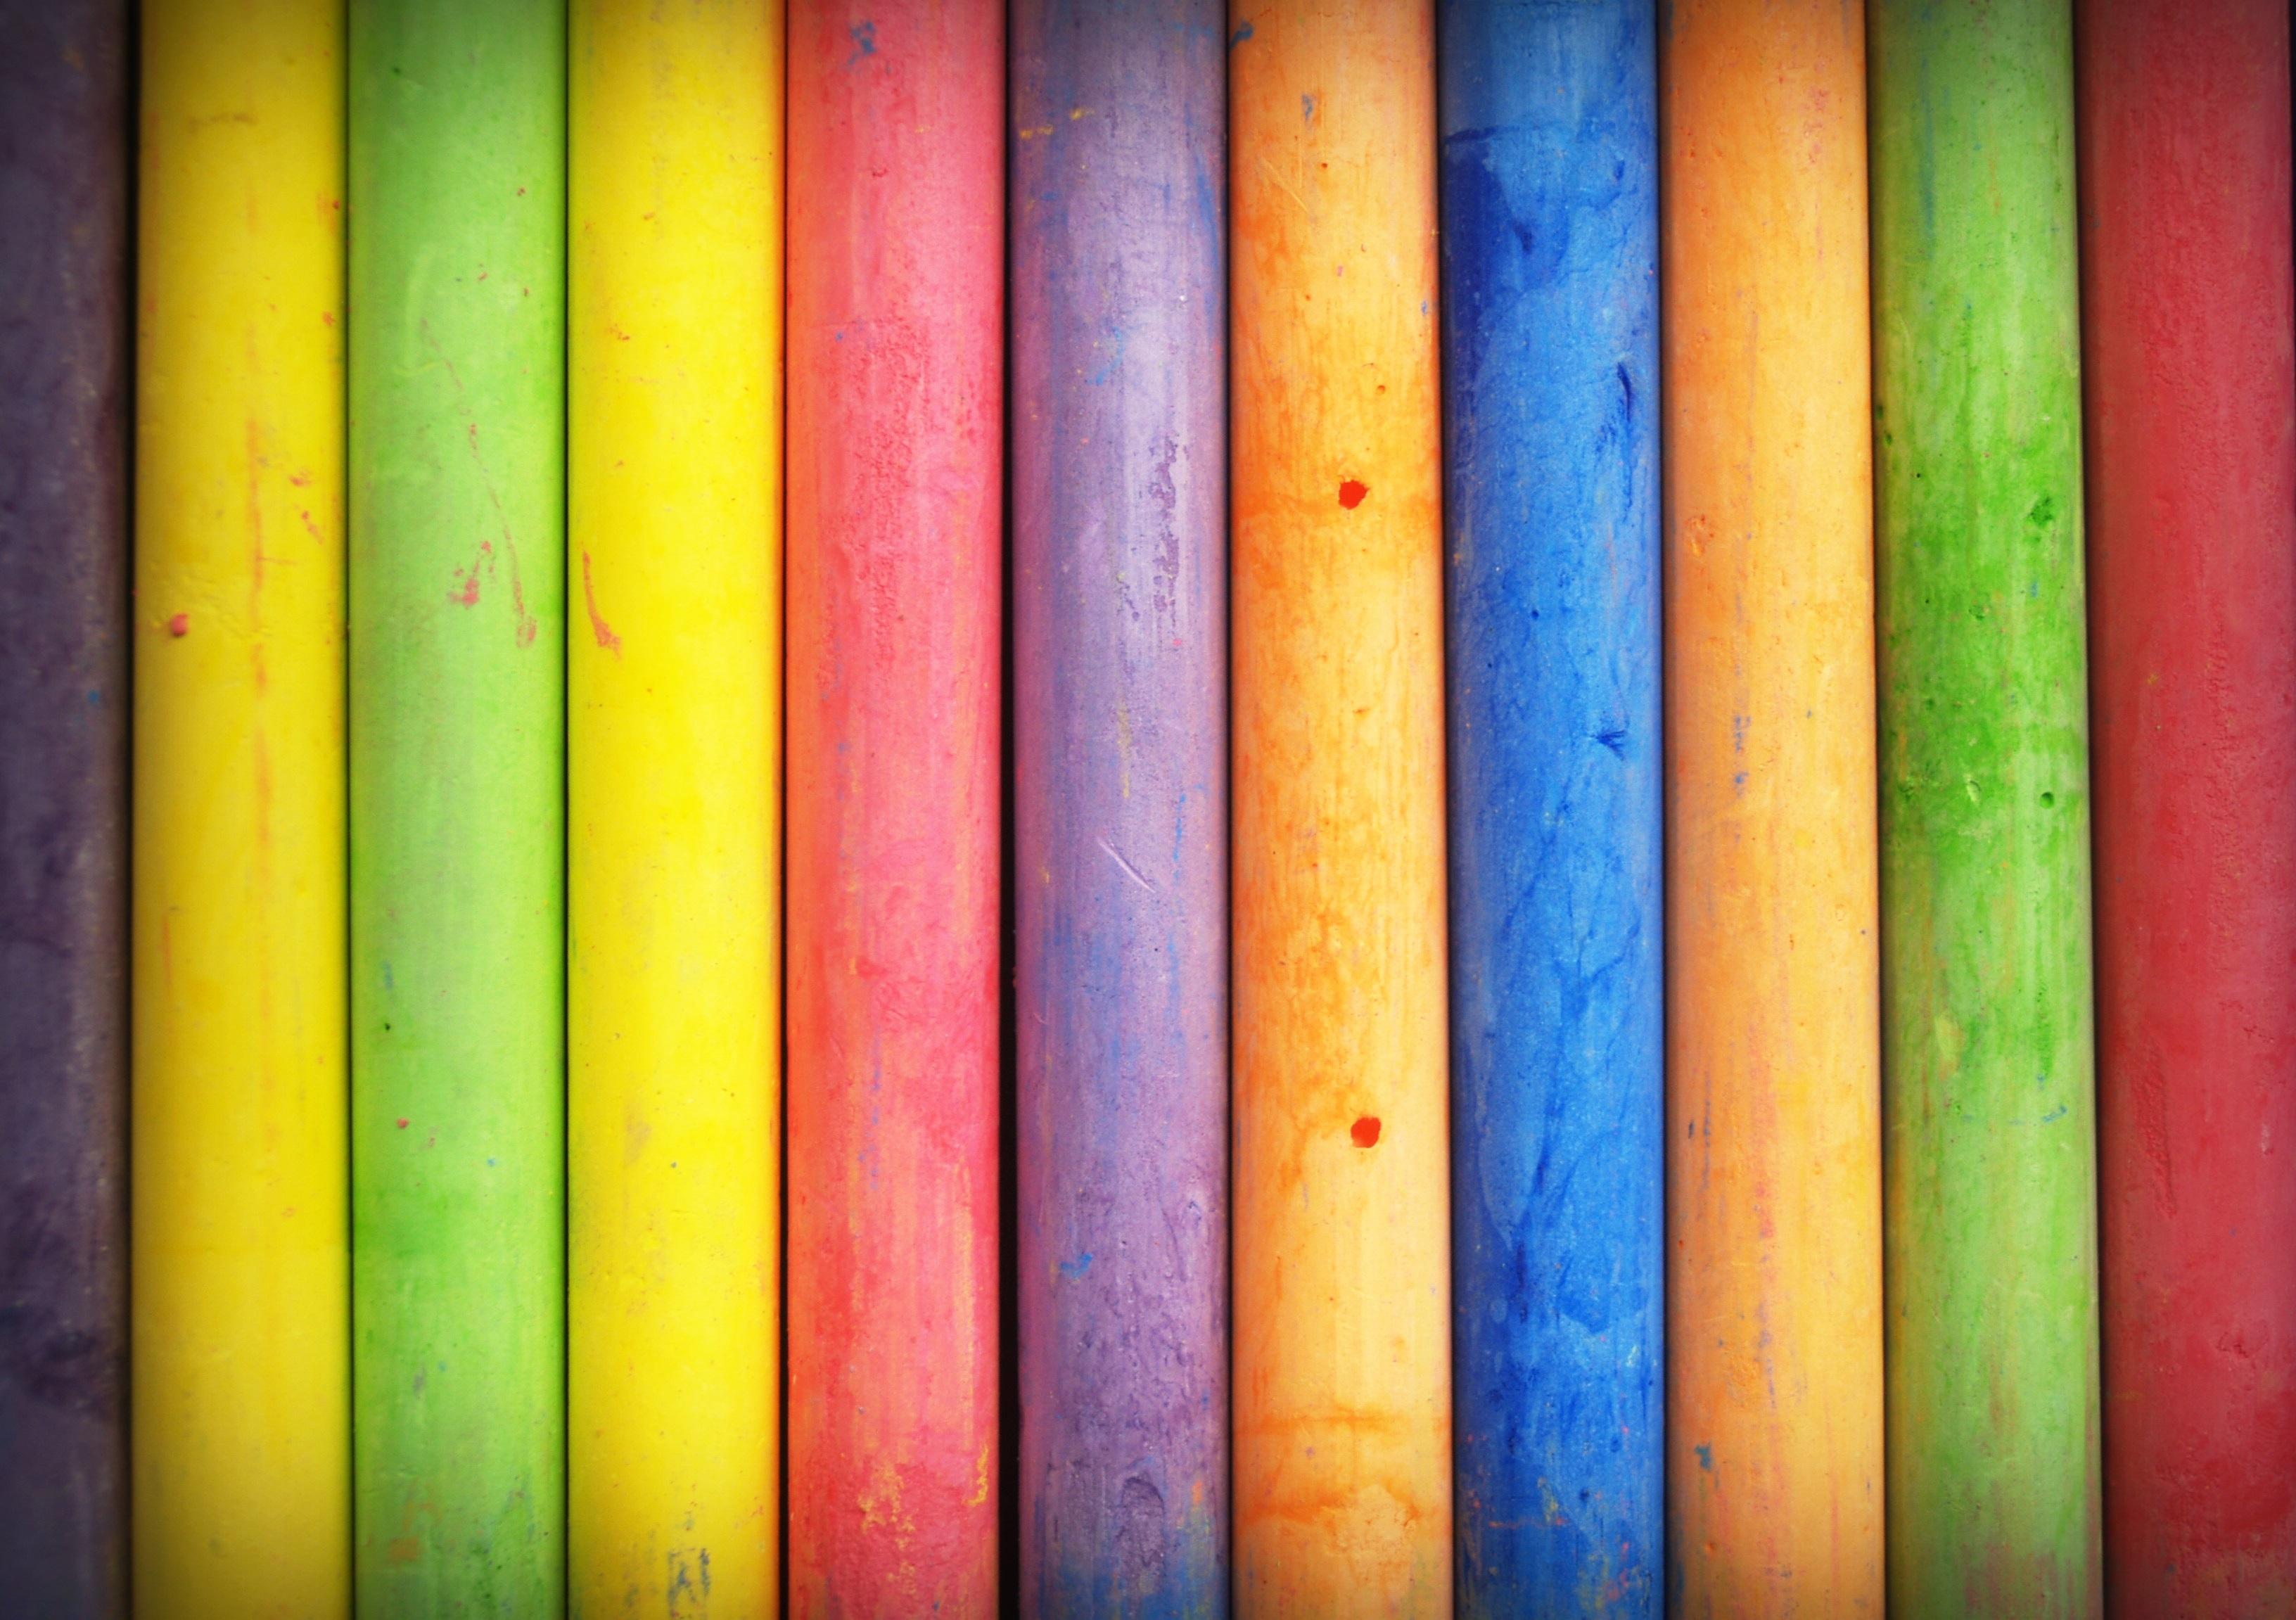 Fotos gratis : tablero, suelo, hoja, naranja, línea, verde, rojo ...